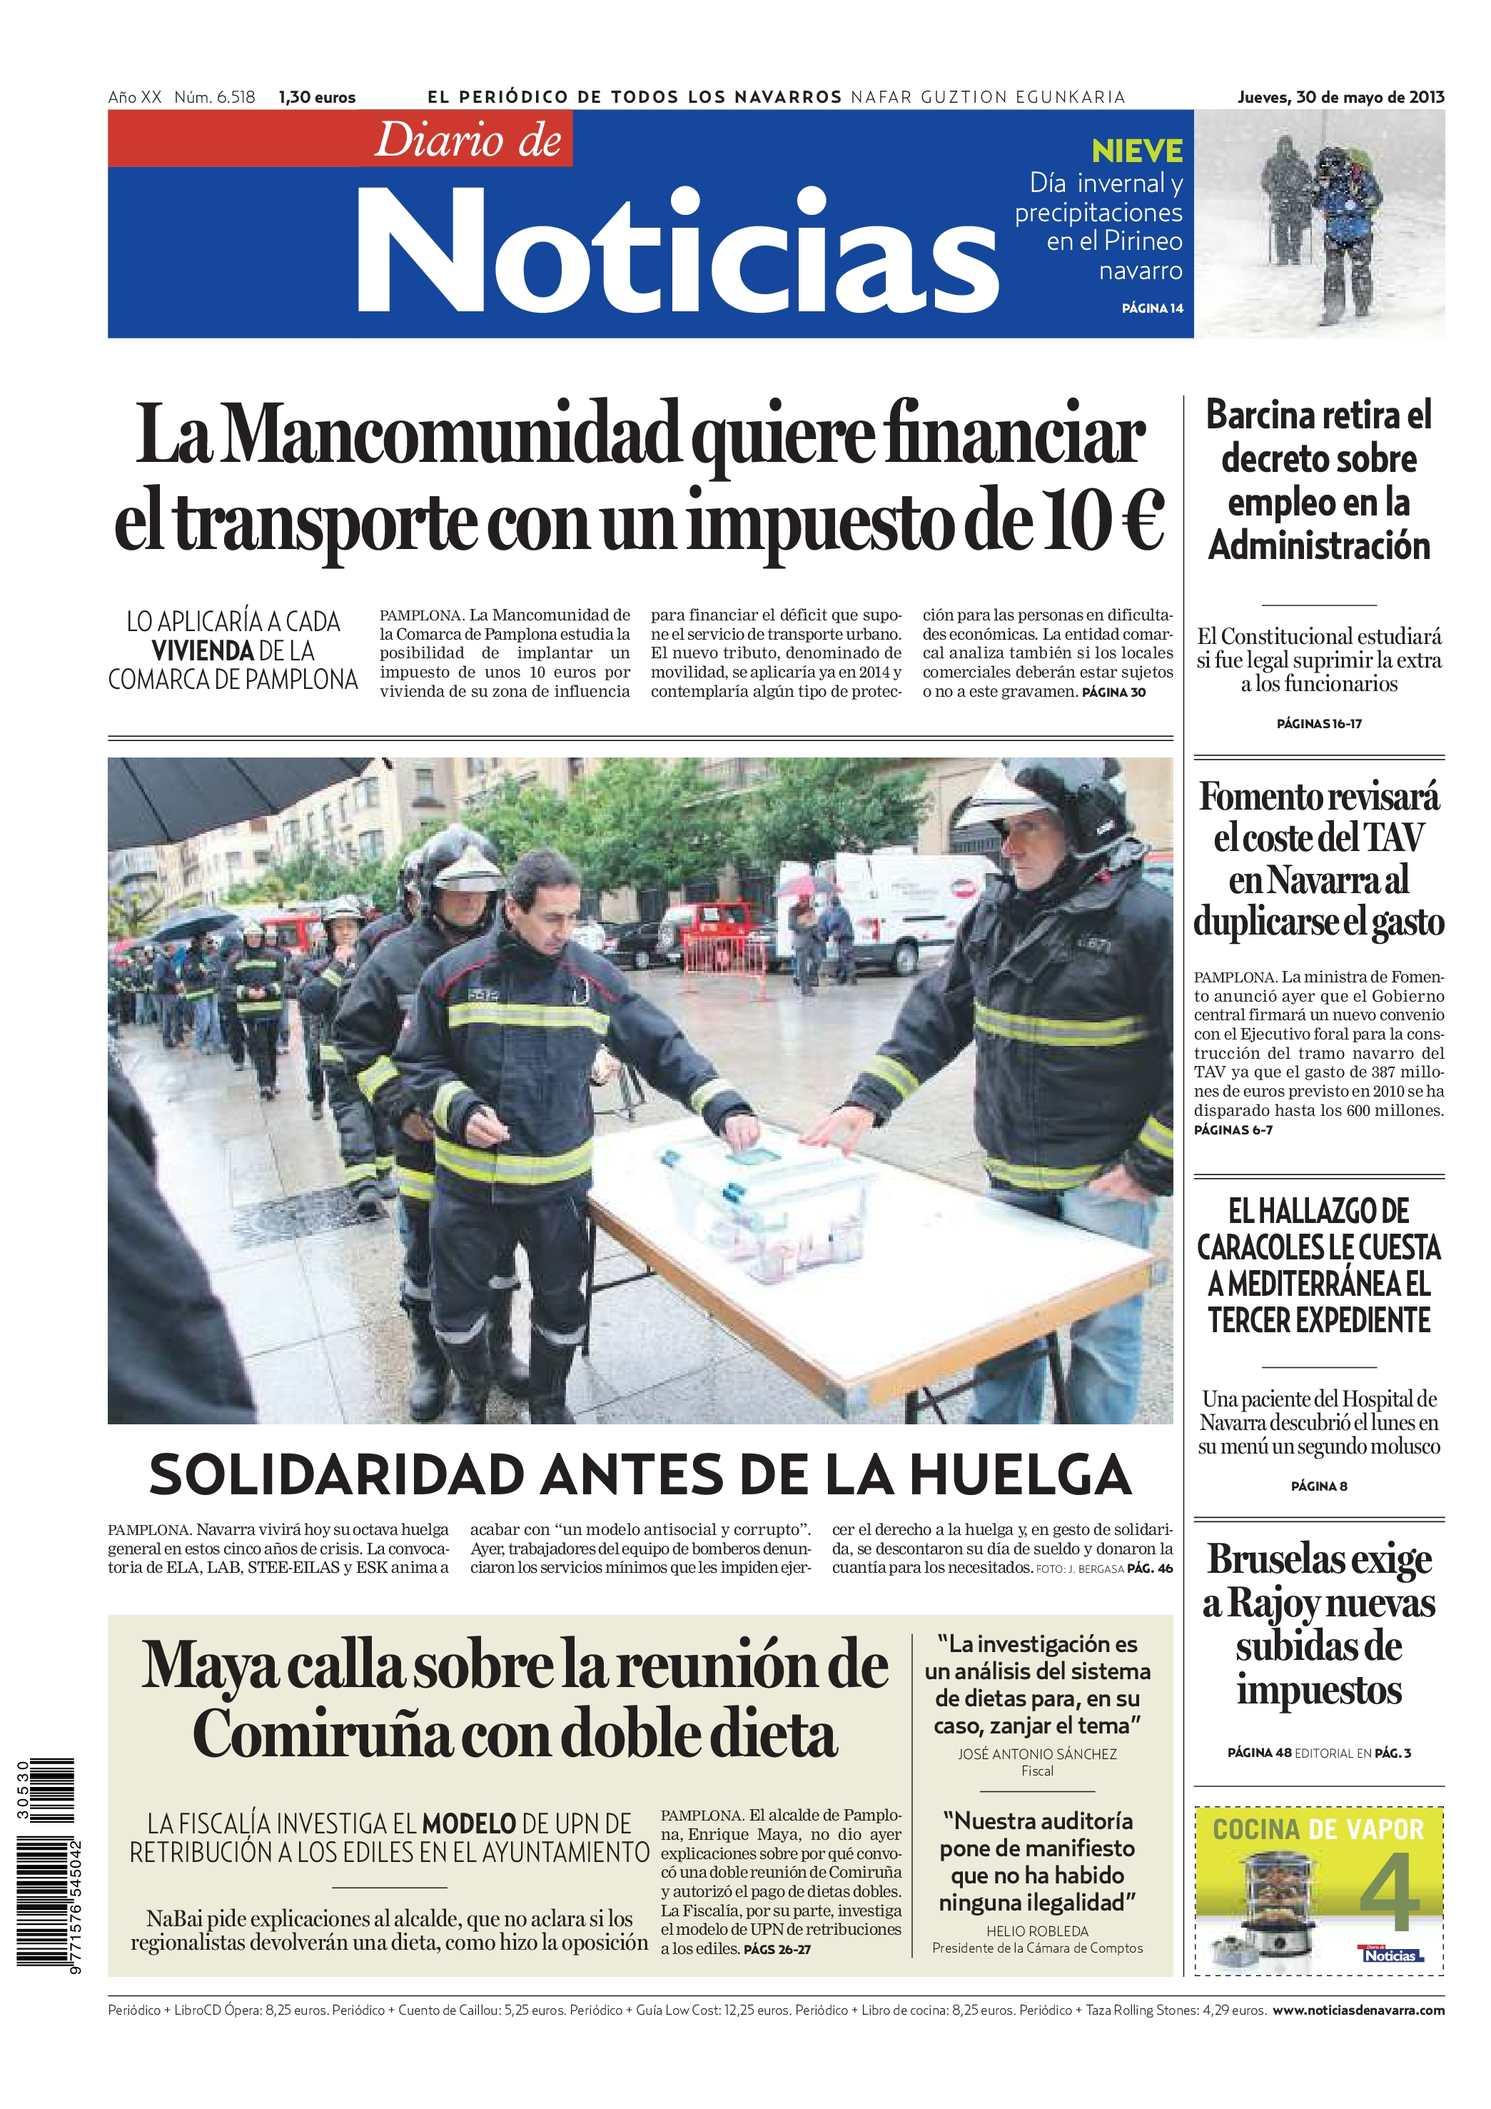 Calaméo - Diario de Noticias 20130530 36dc7682392